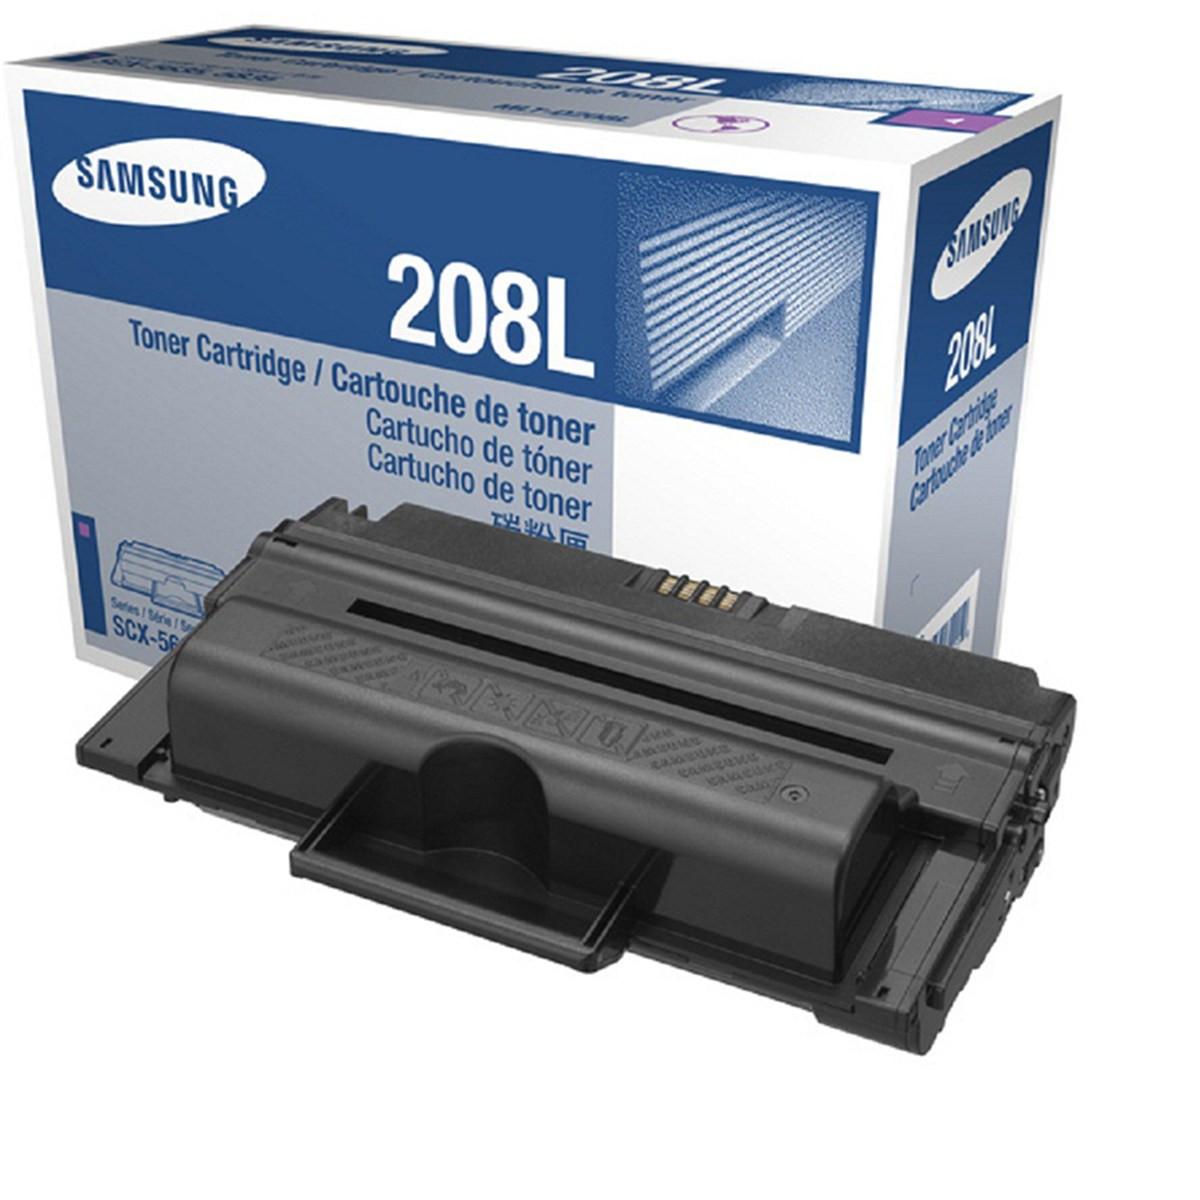 Toner Samsung MLT-D208L D208 | SCX5835 SCX5635 SCX5635N SCX5835FN SCX5835NX | Original 10k